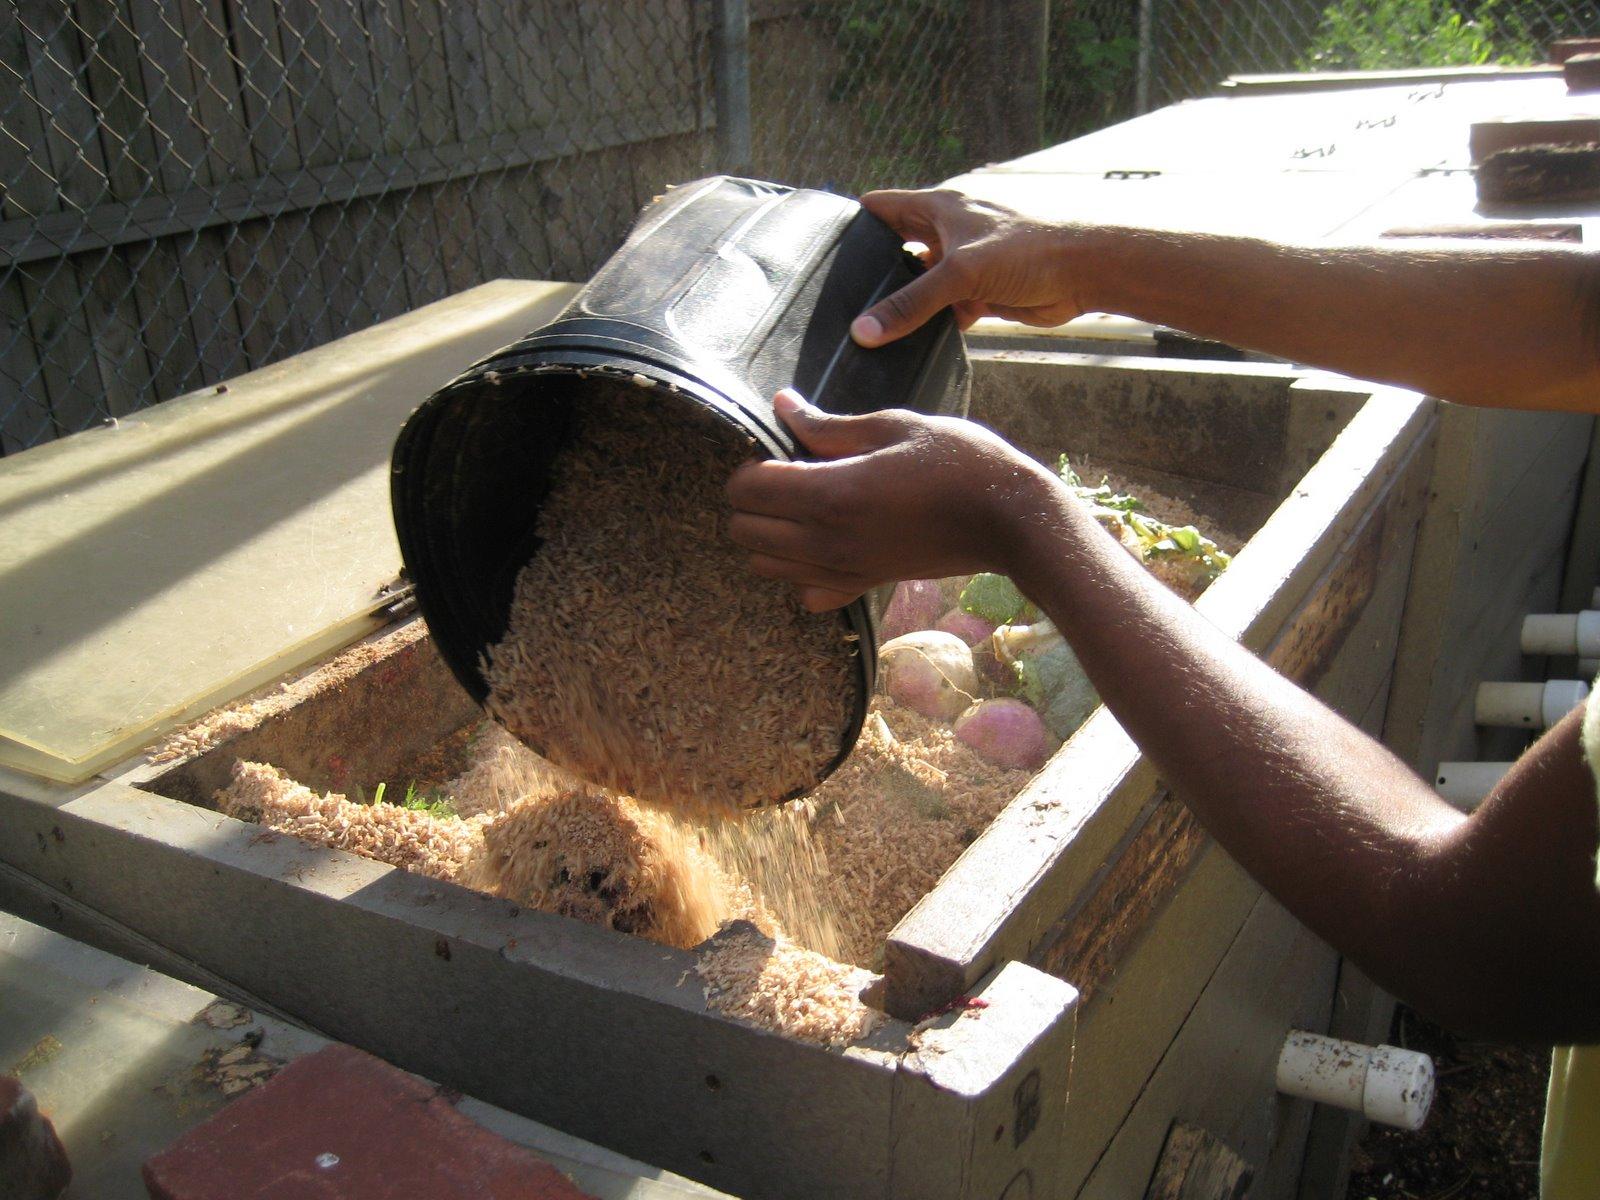 Adding sawdust